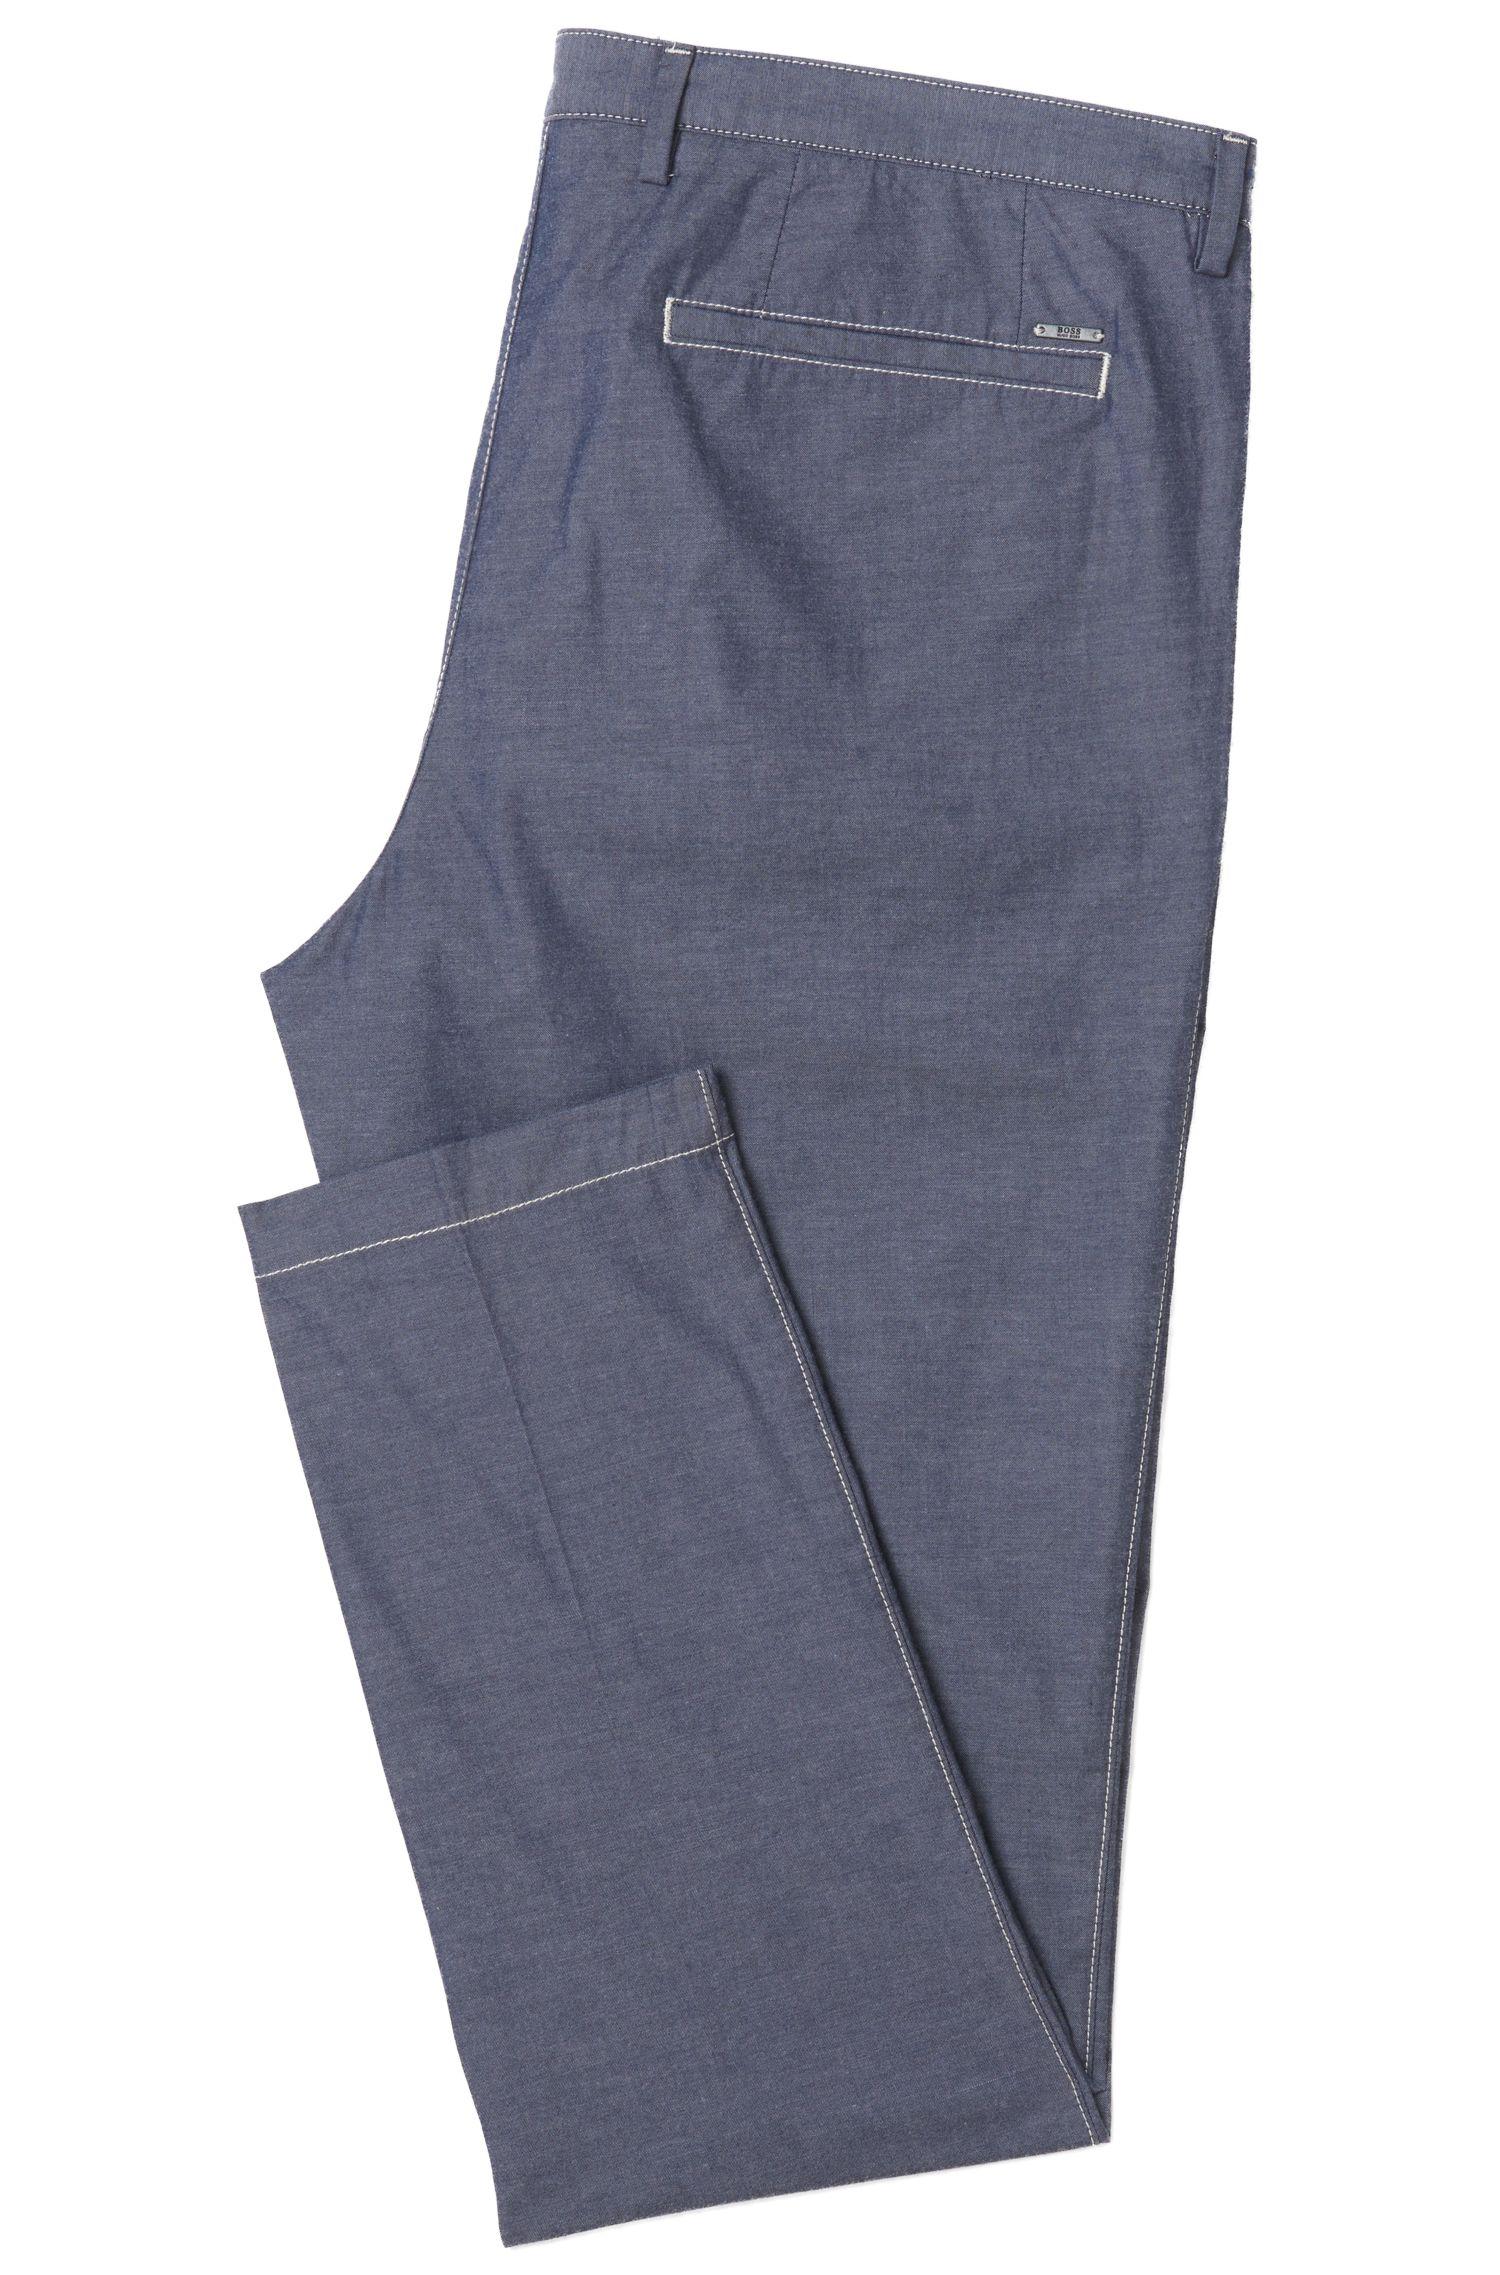 Stretch Cotton Chino Pant | Kaito3-Stitch-W